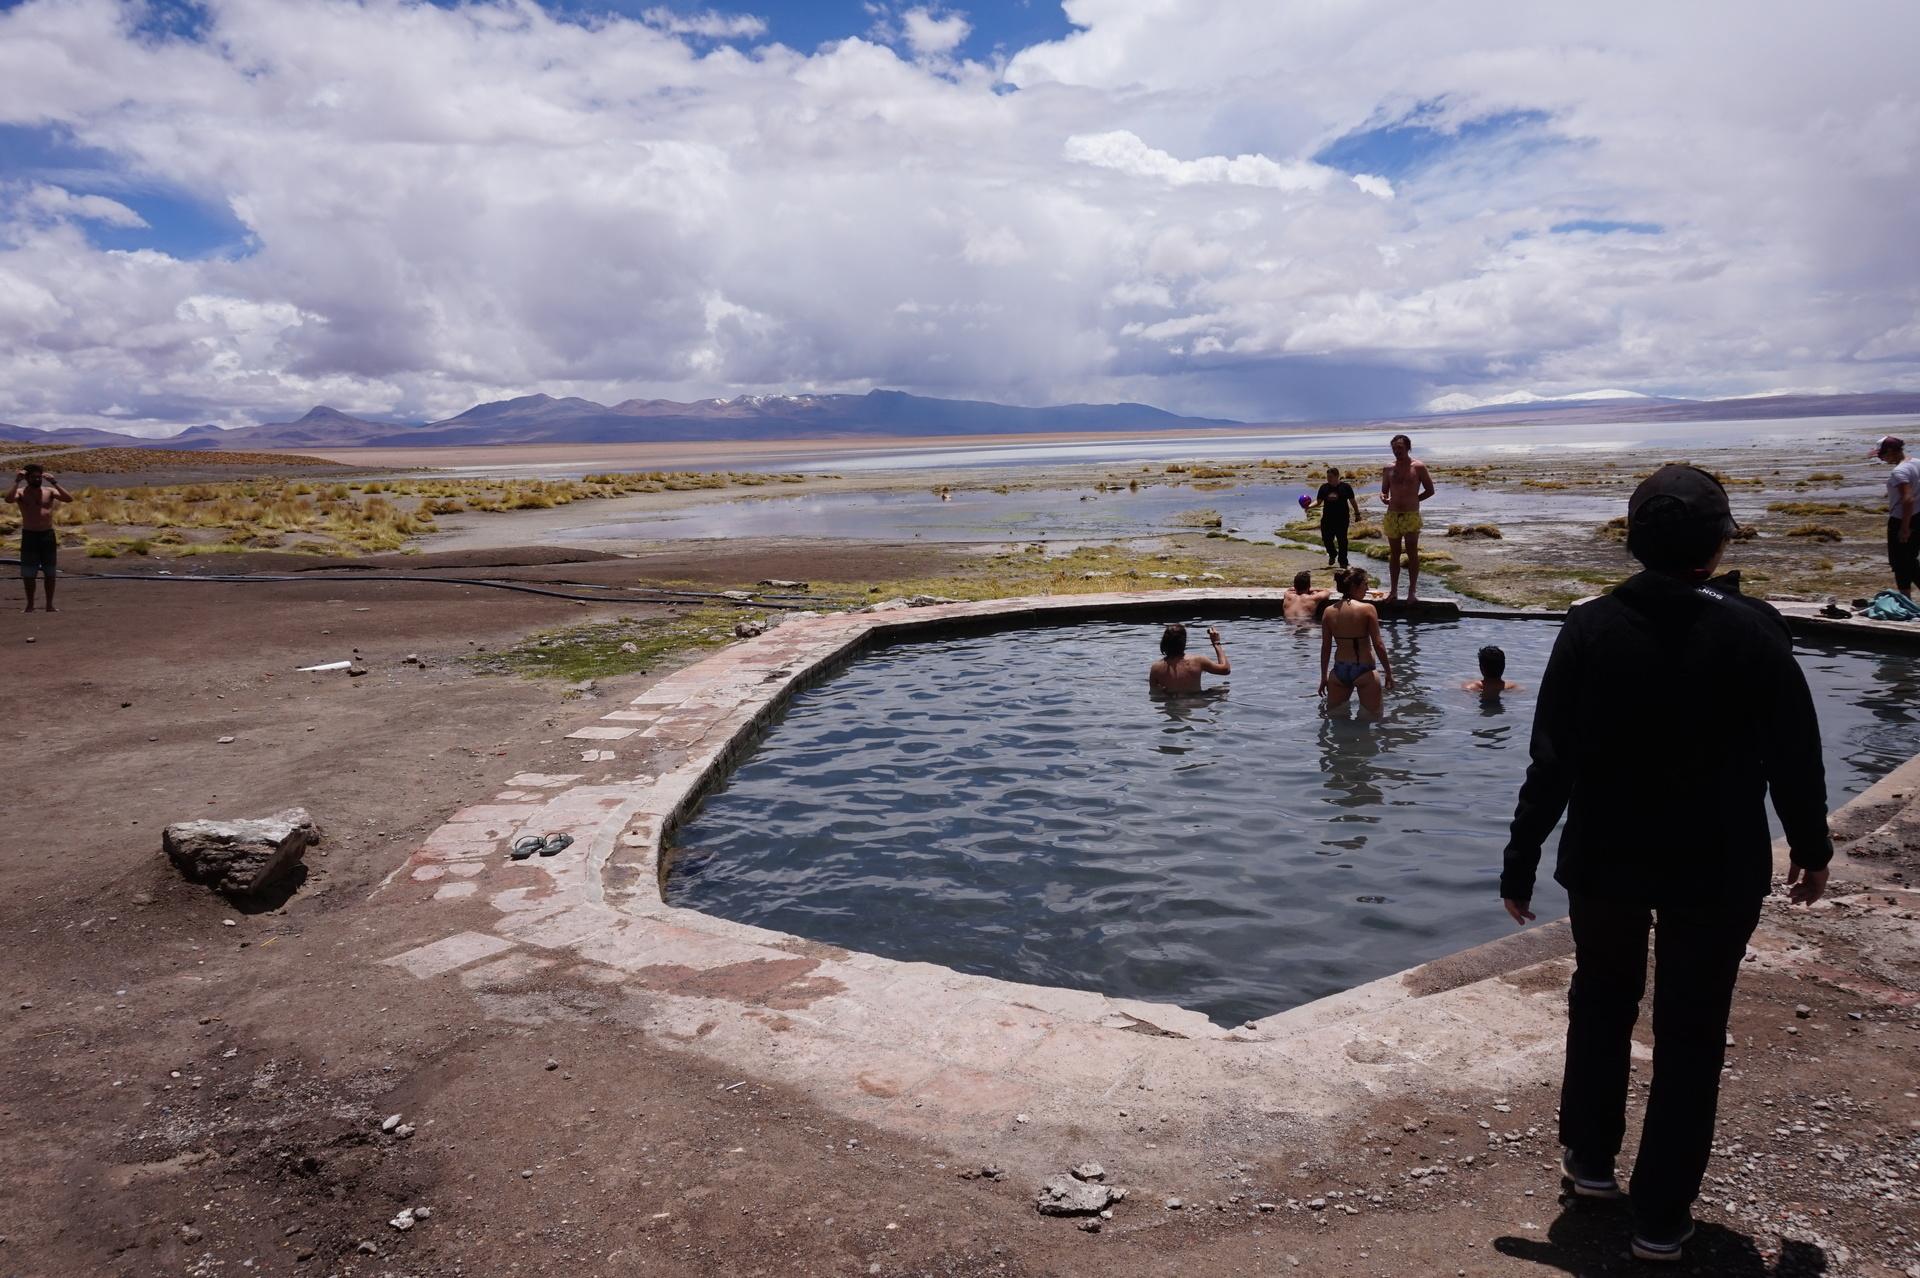 チリ ボリビア ウユニ旅行 2泊3日ツアー 温泉